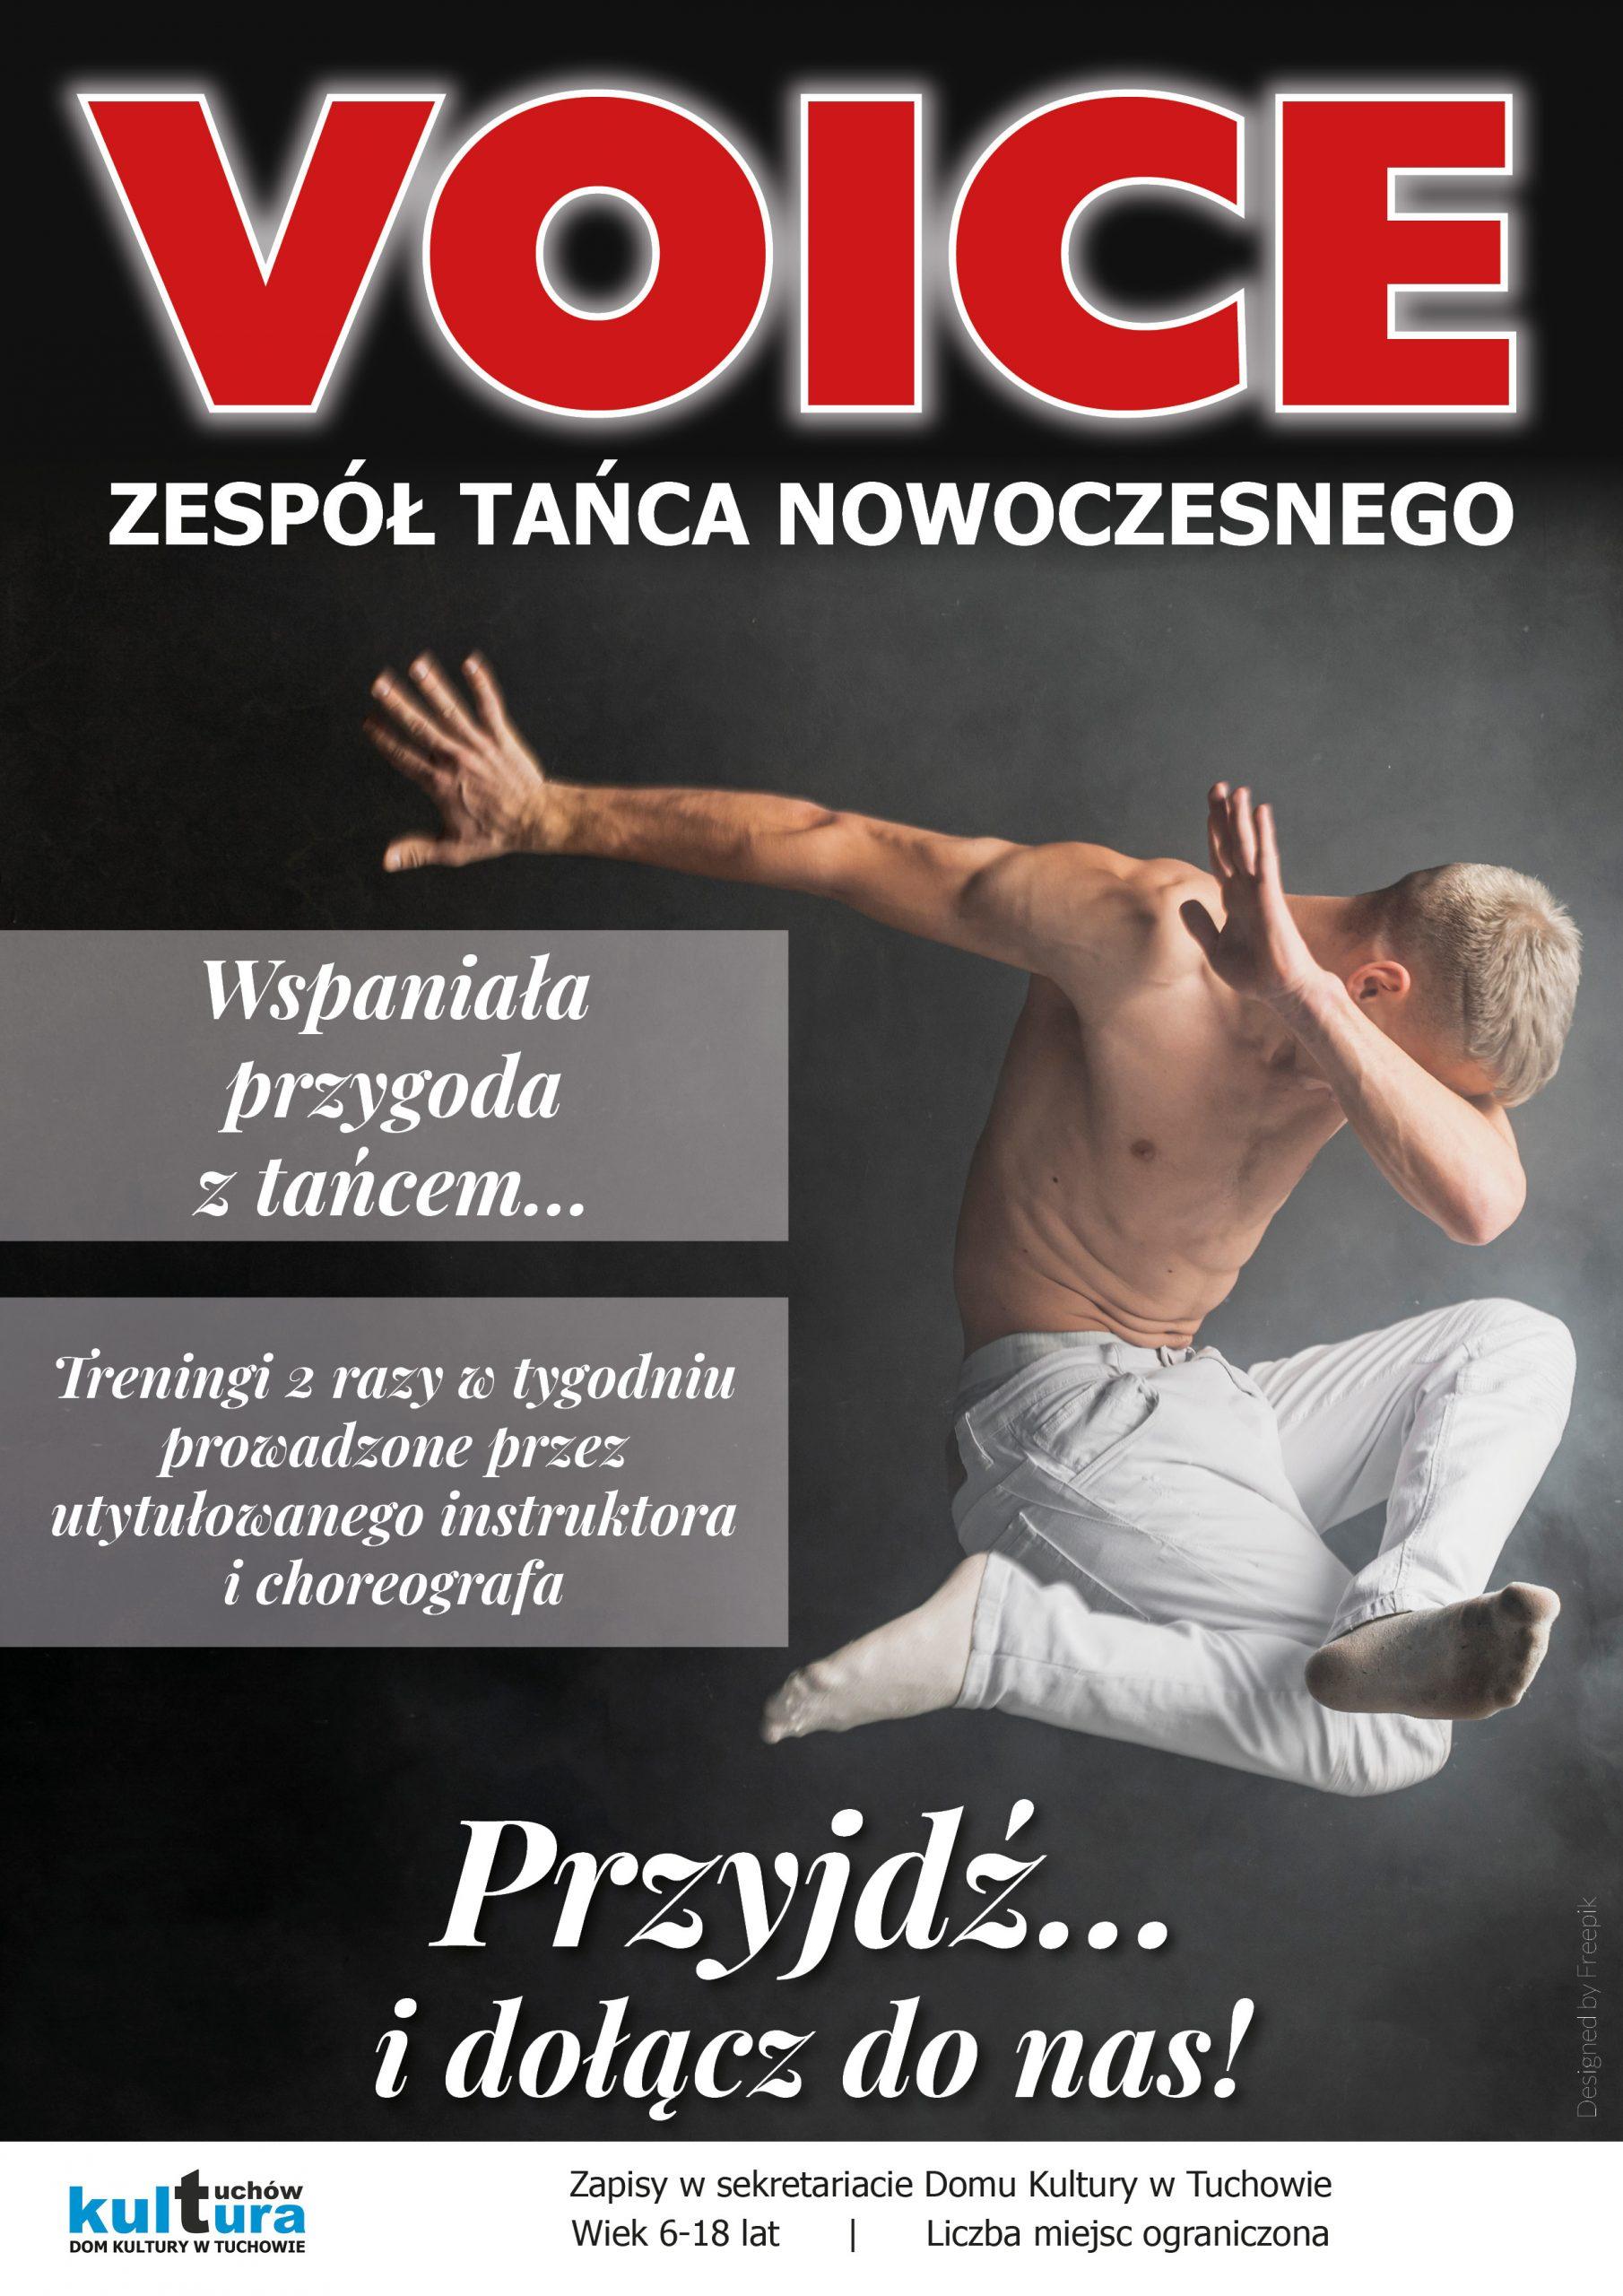 Dom Kultury w Tuchowie ogłasza nabór do zespołu tańca nowoczesnego VOICE!